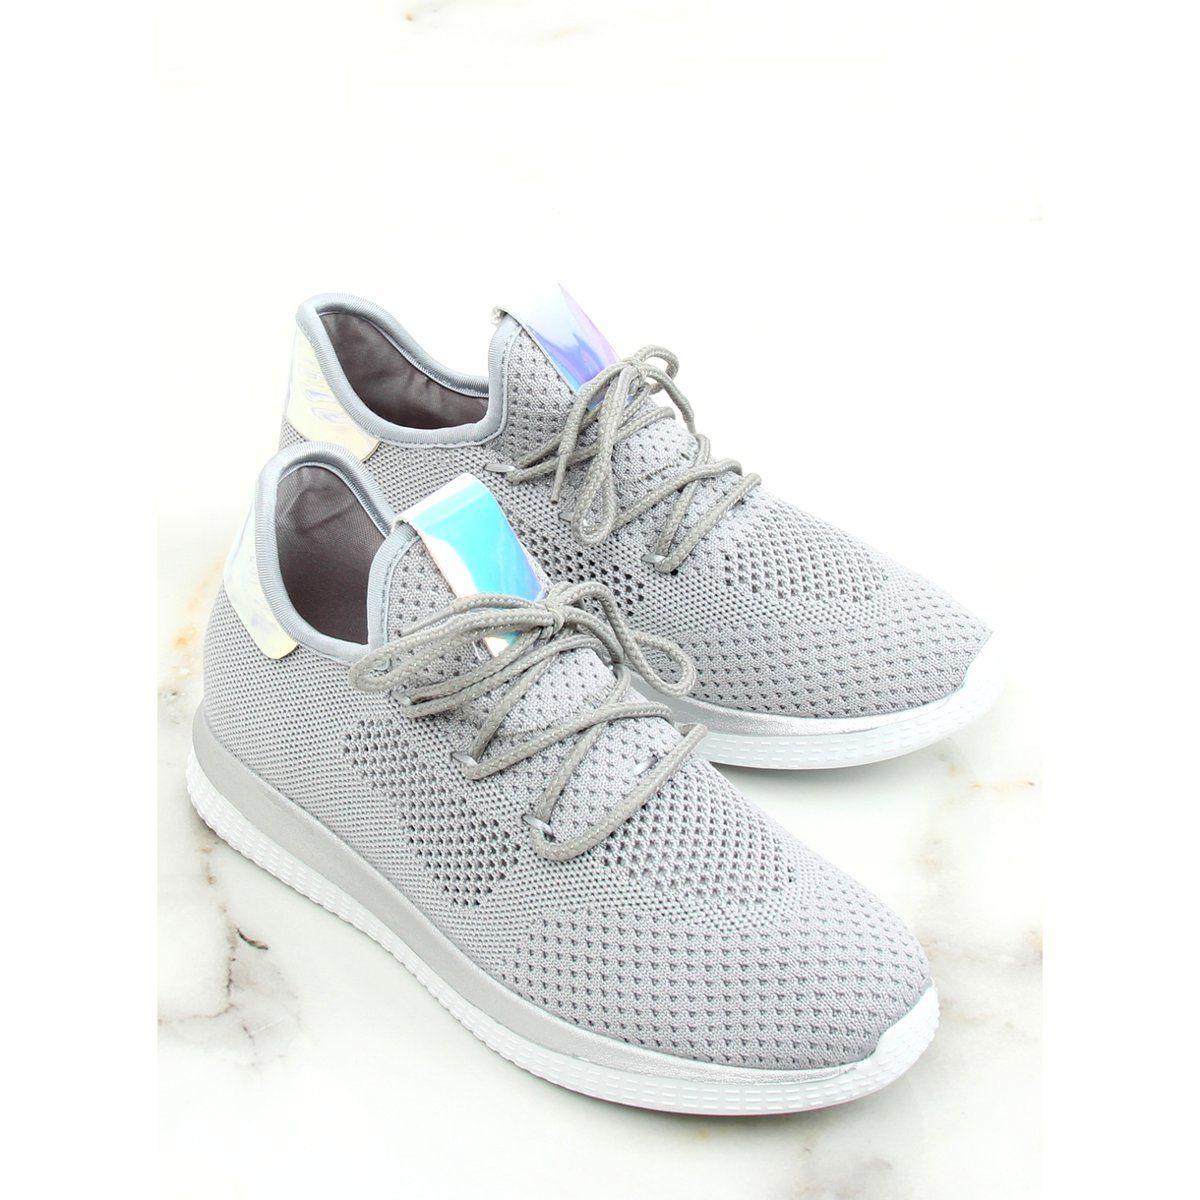 Buty Sportowe Benzynowe Szare B111 8 Grey Buty Buty Sportowe I Szary